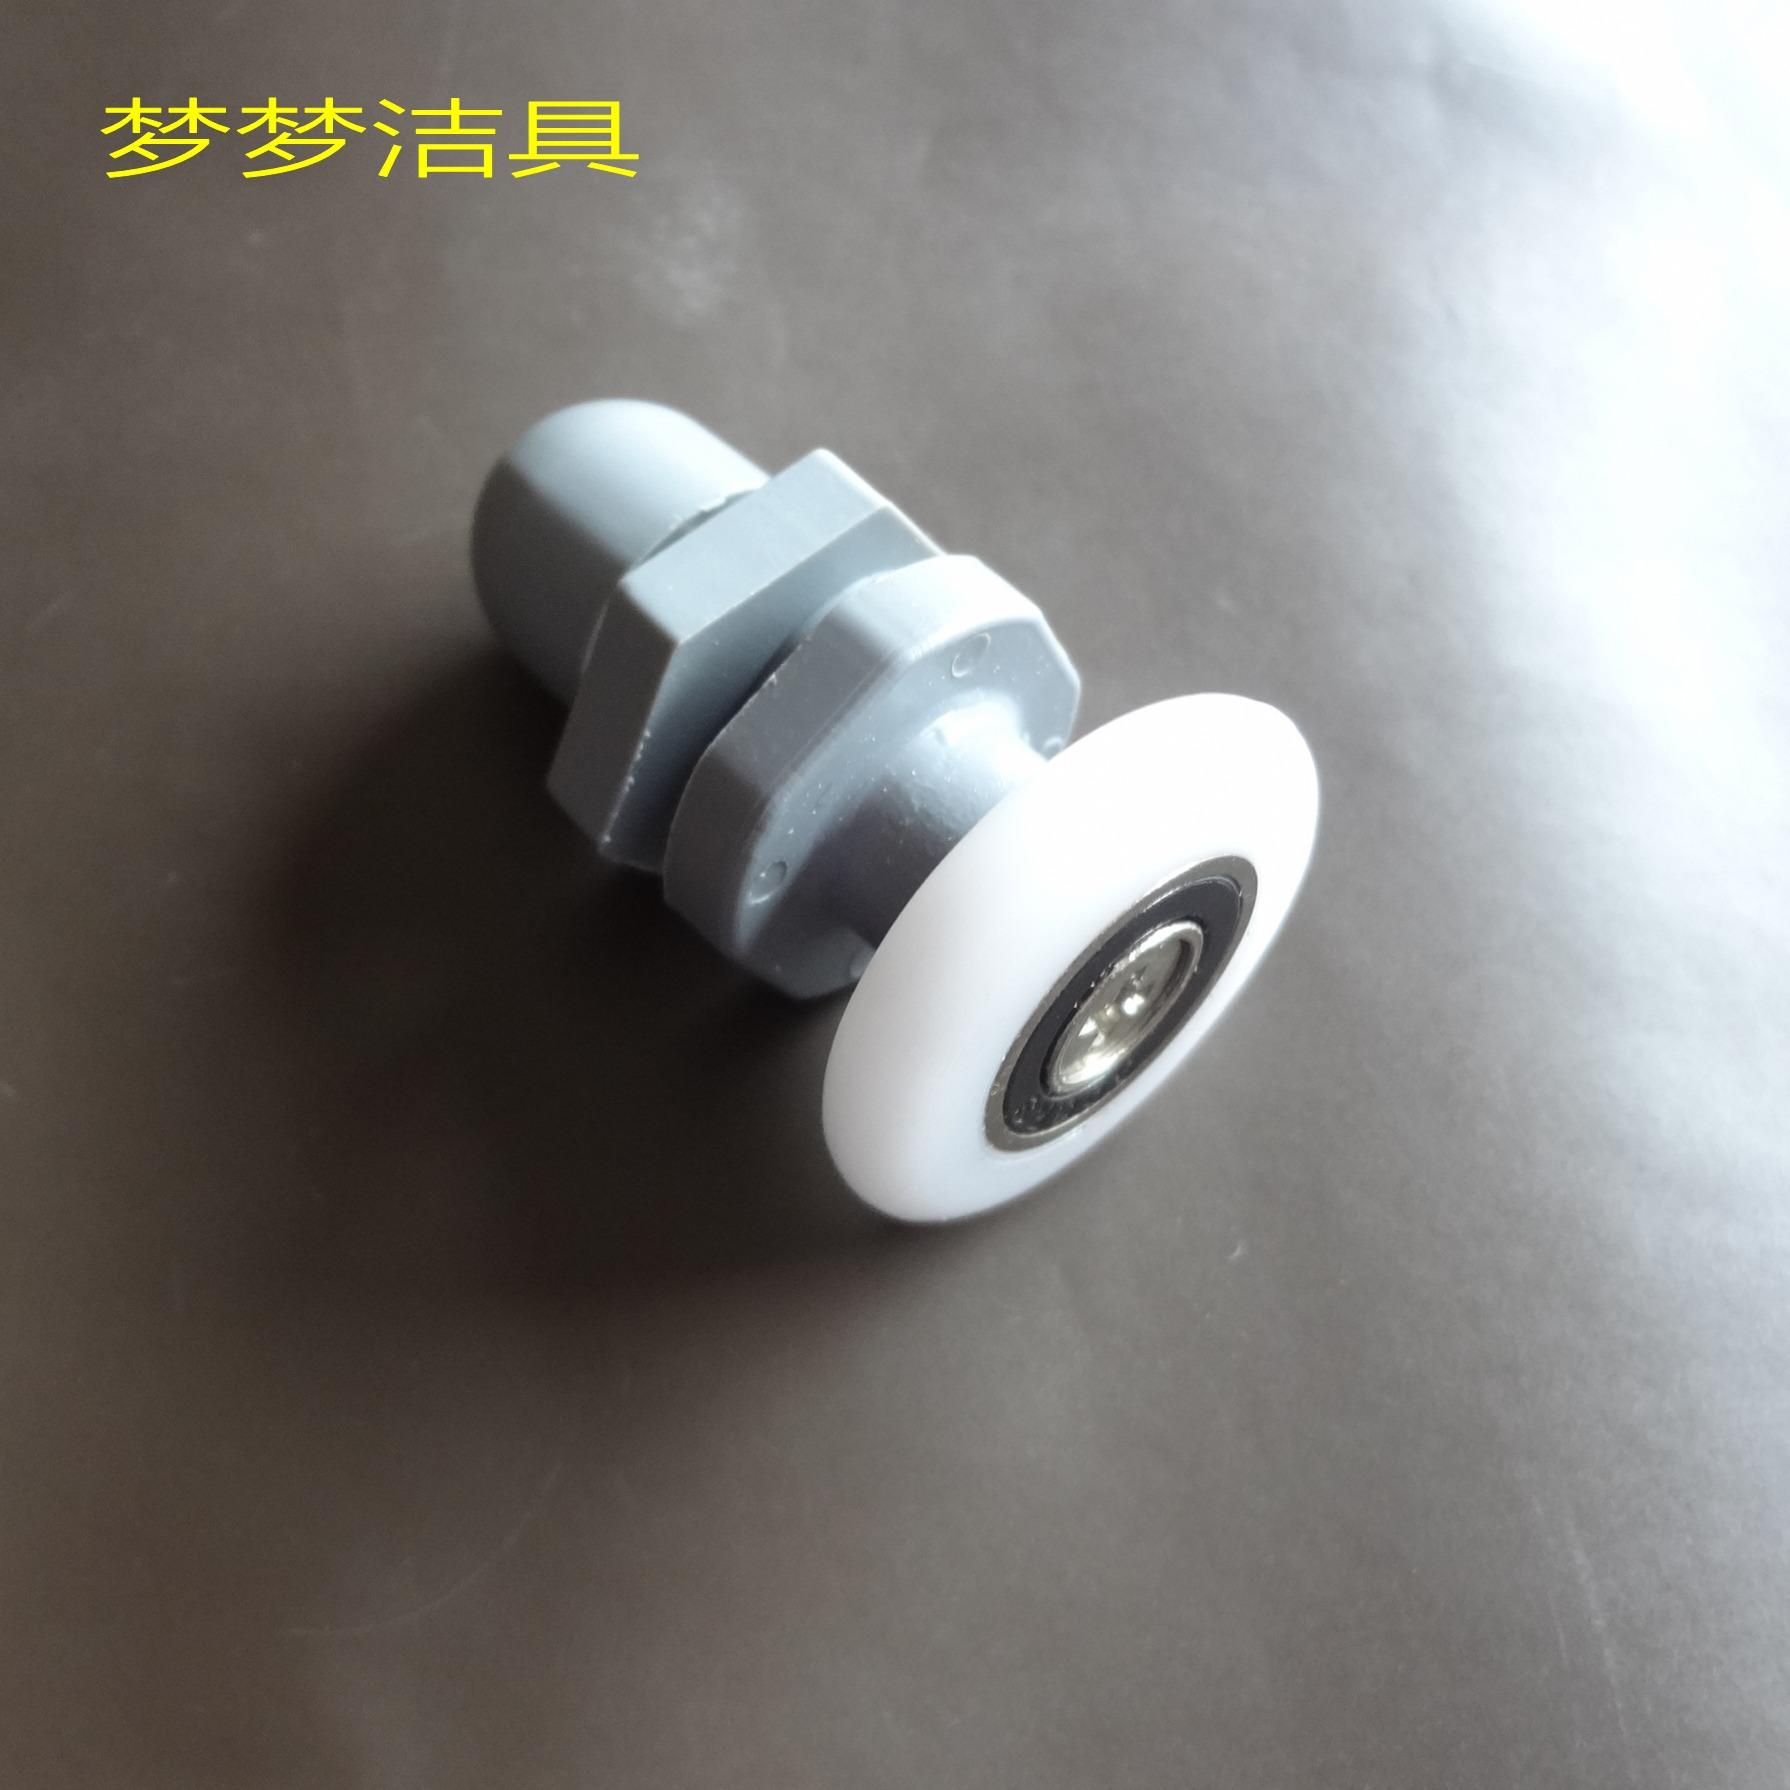 淋浴房滑轮配件 圆弧型淋浴房滑轮 轮子 吊轮 浴室滑轮 移门滑轮